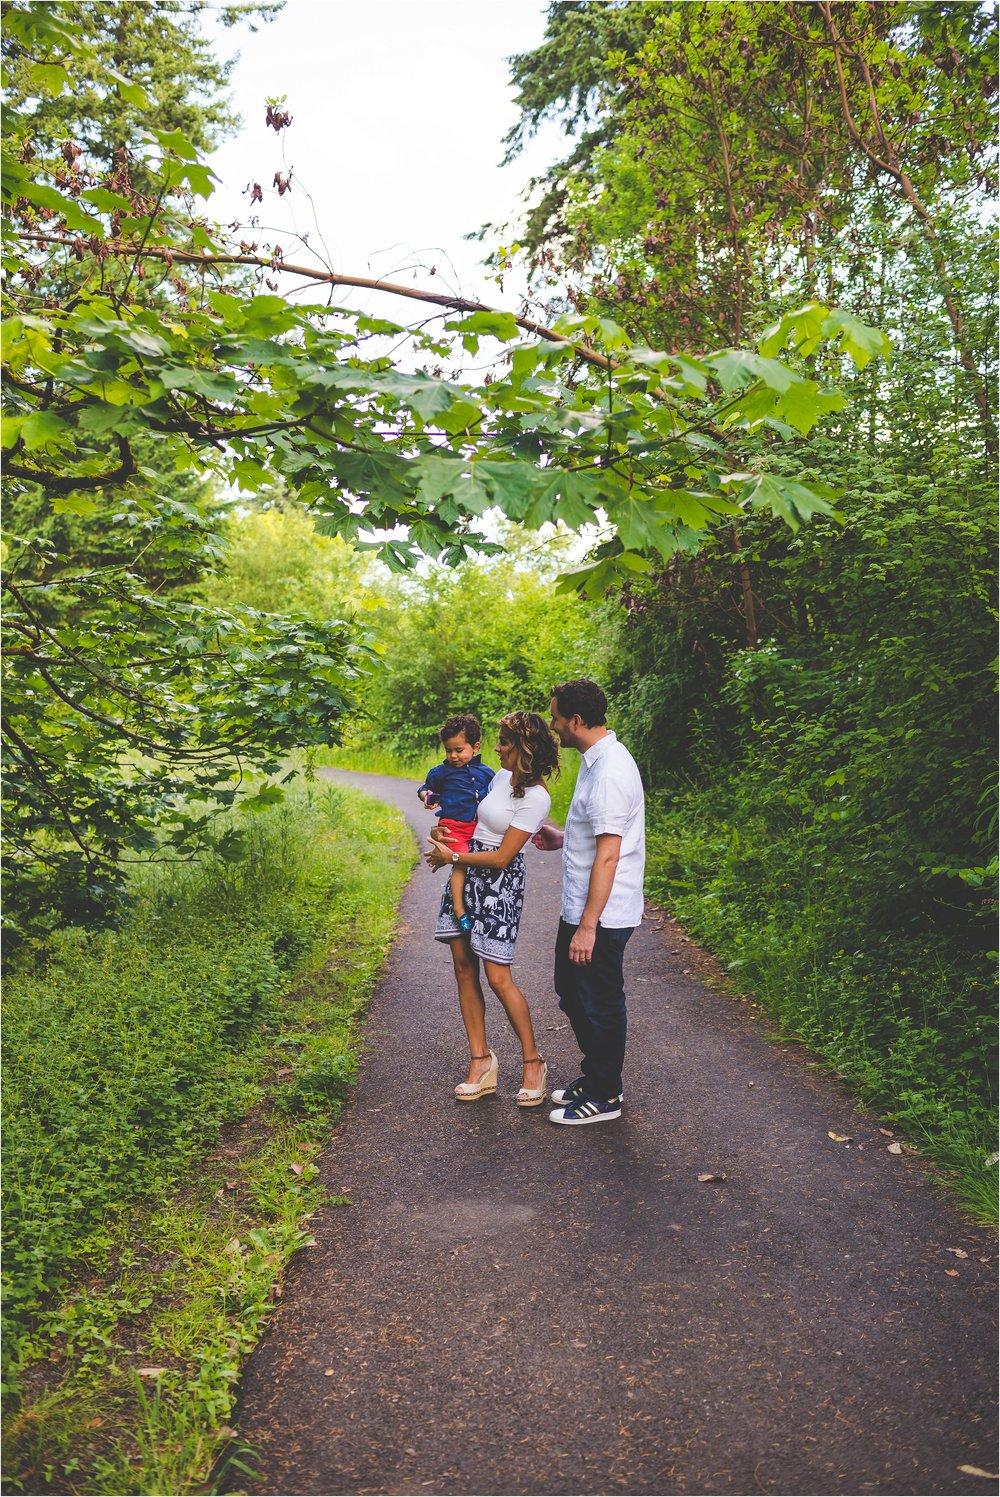 hoyt-arboretum-family-session-jannicka-mayte-portland-oregon-family-photographer_0009.jpg